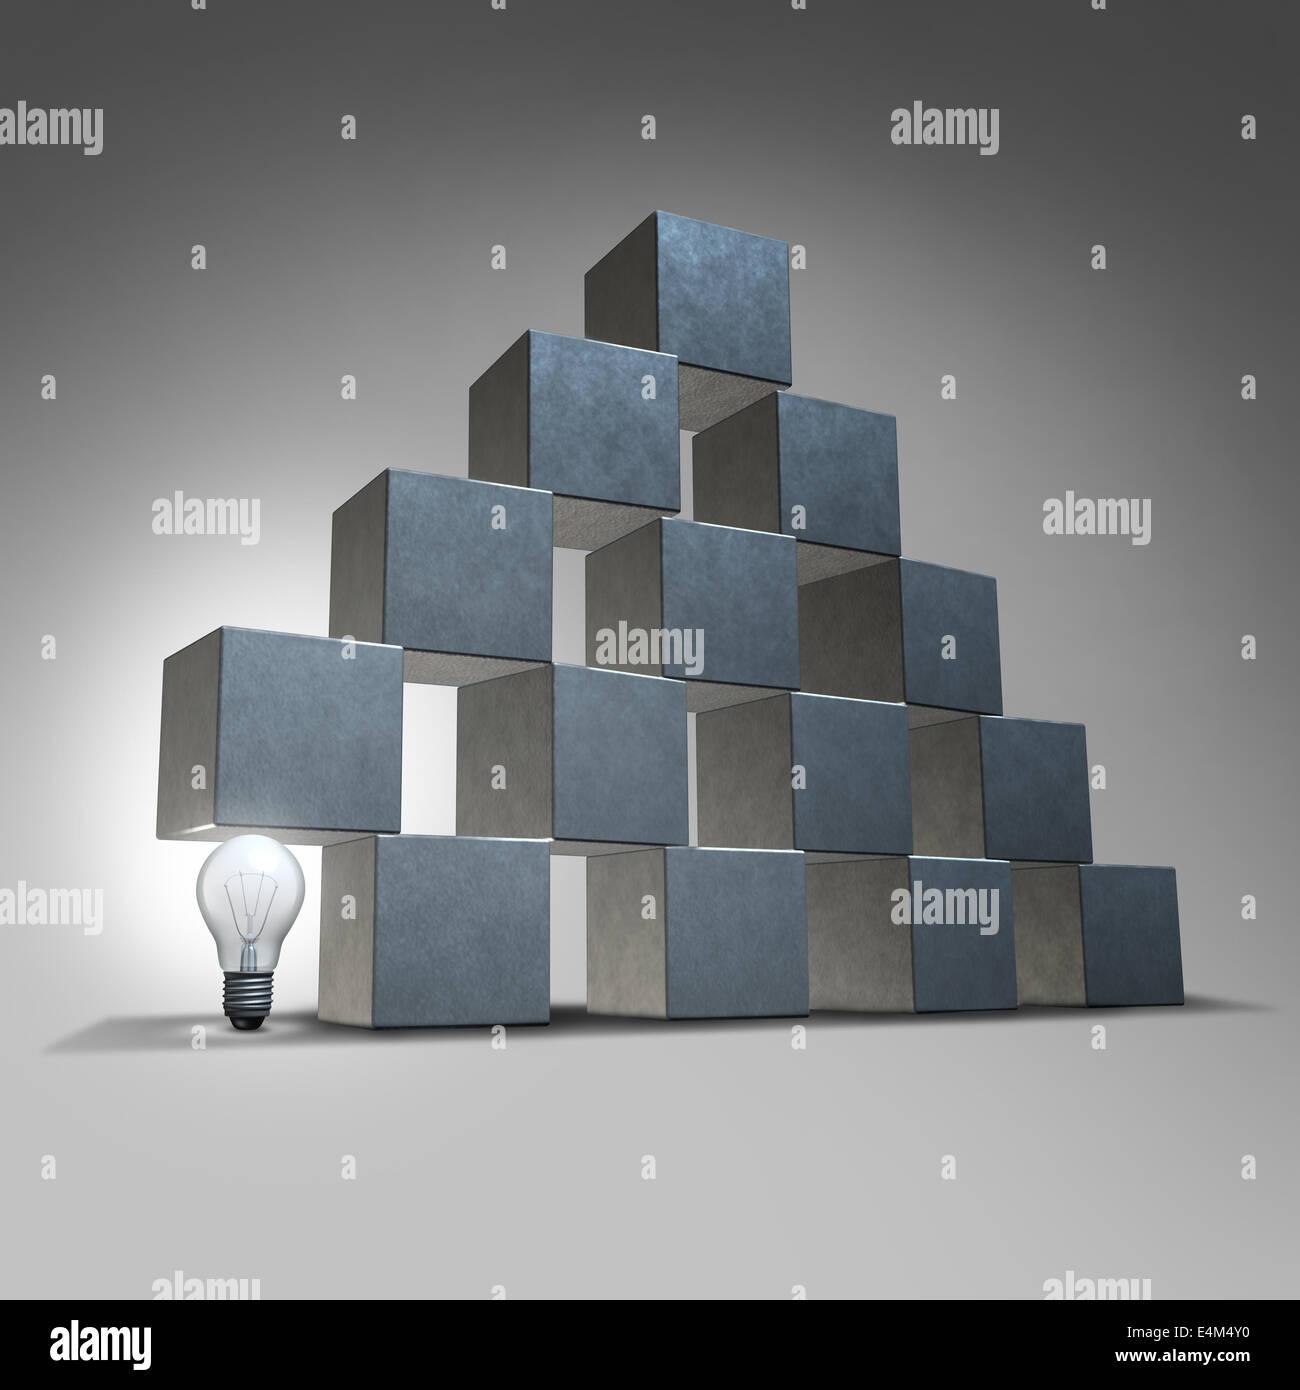 Créative et business marketing concept de partenariat en tant que groupe de cubes en trois dimensions d'être Photo Stock